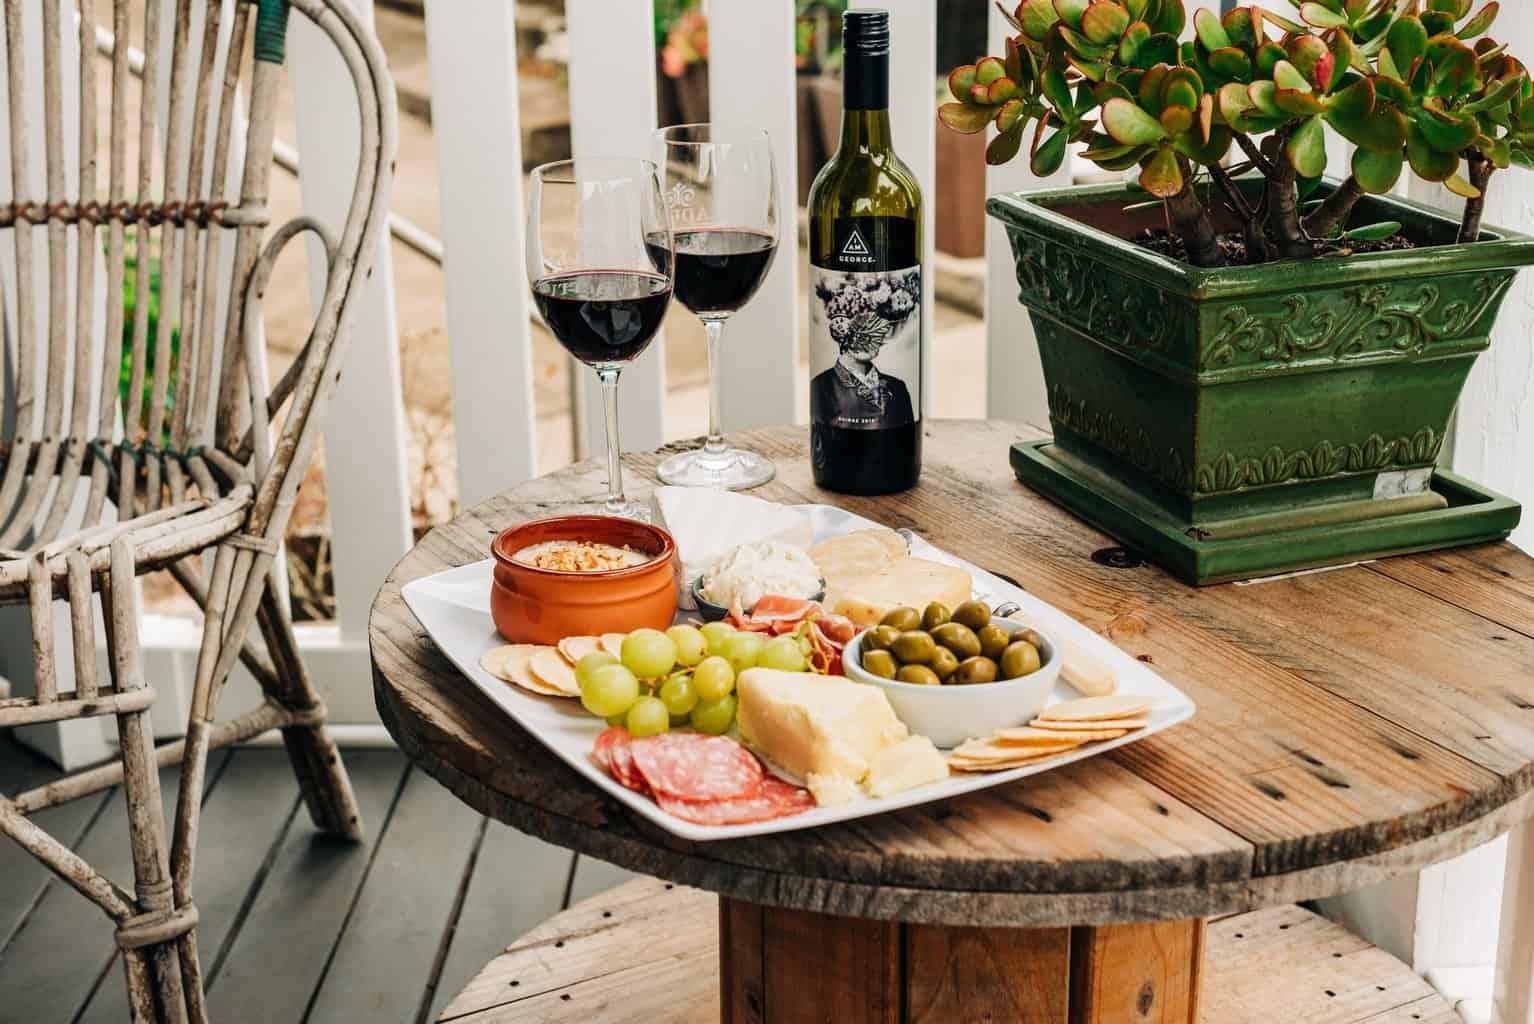 Enoturismo e gastronomia